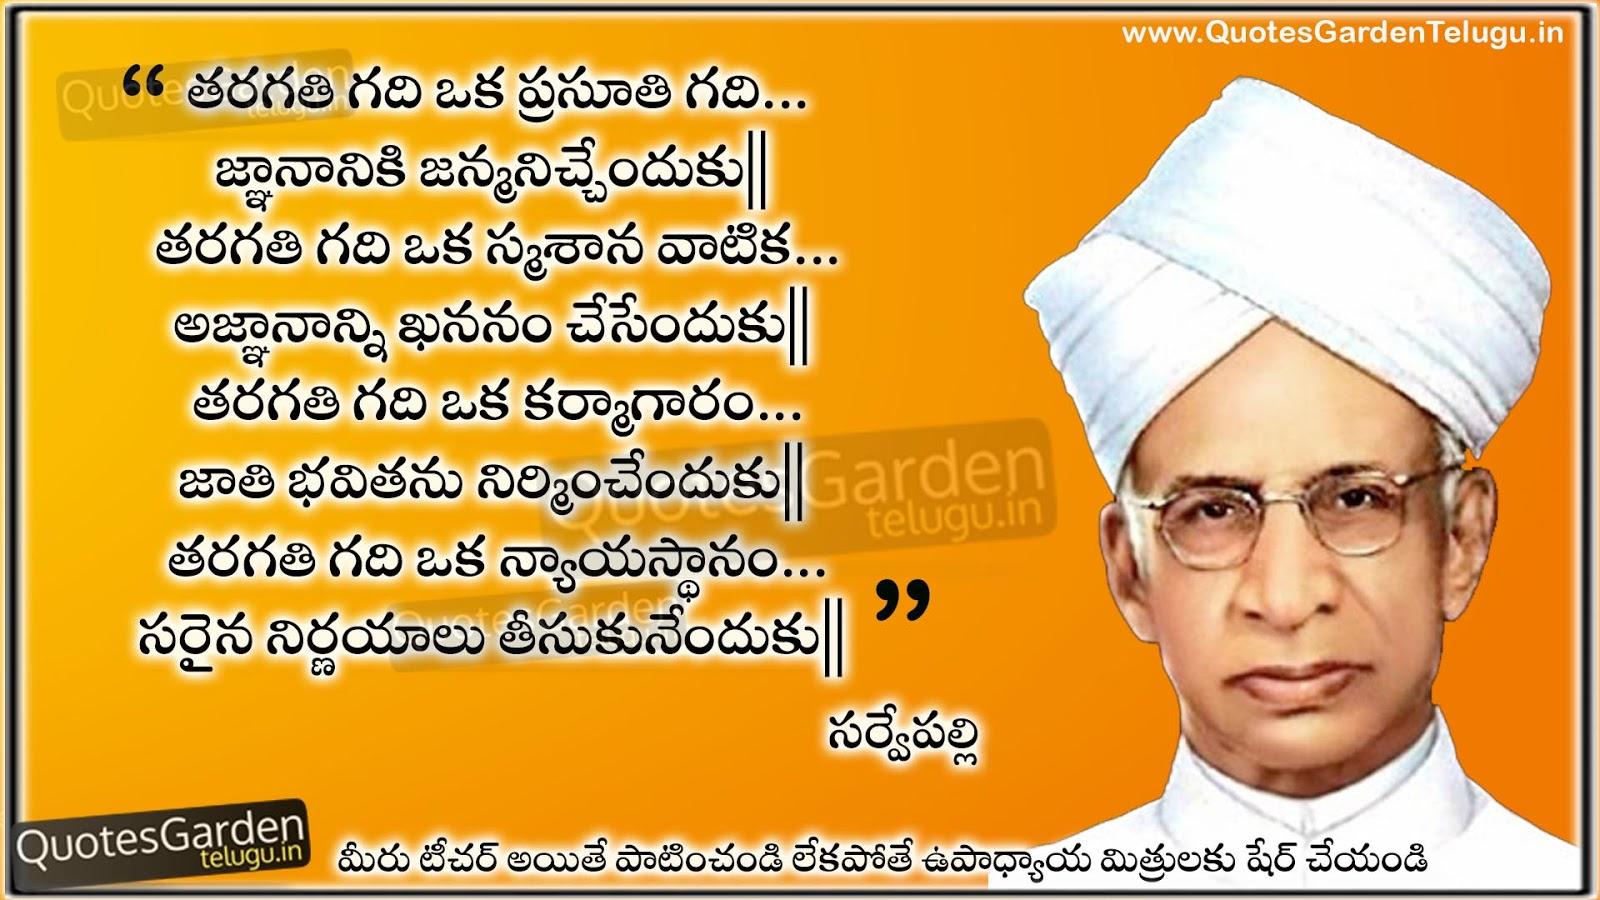 Sarvepalli Radhakrishna Quotes About Teachers Quotes Garden Telugu